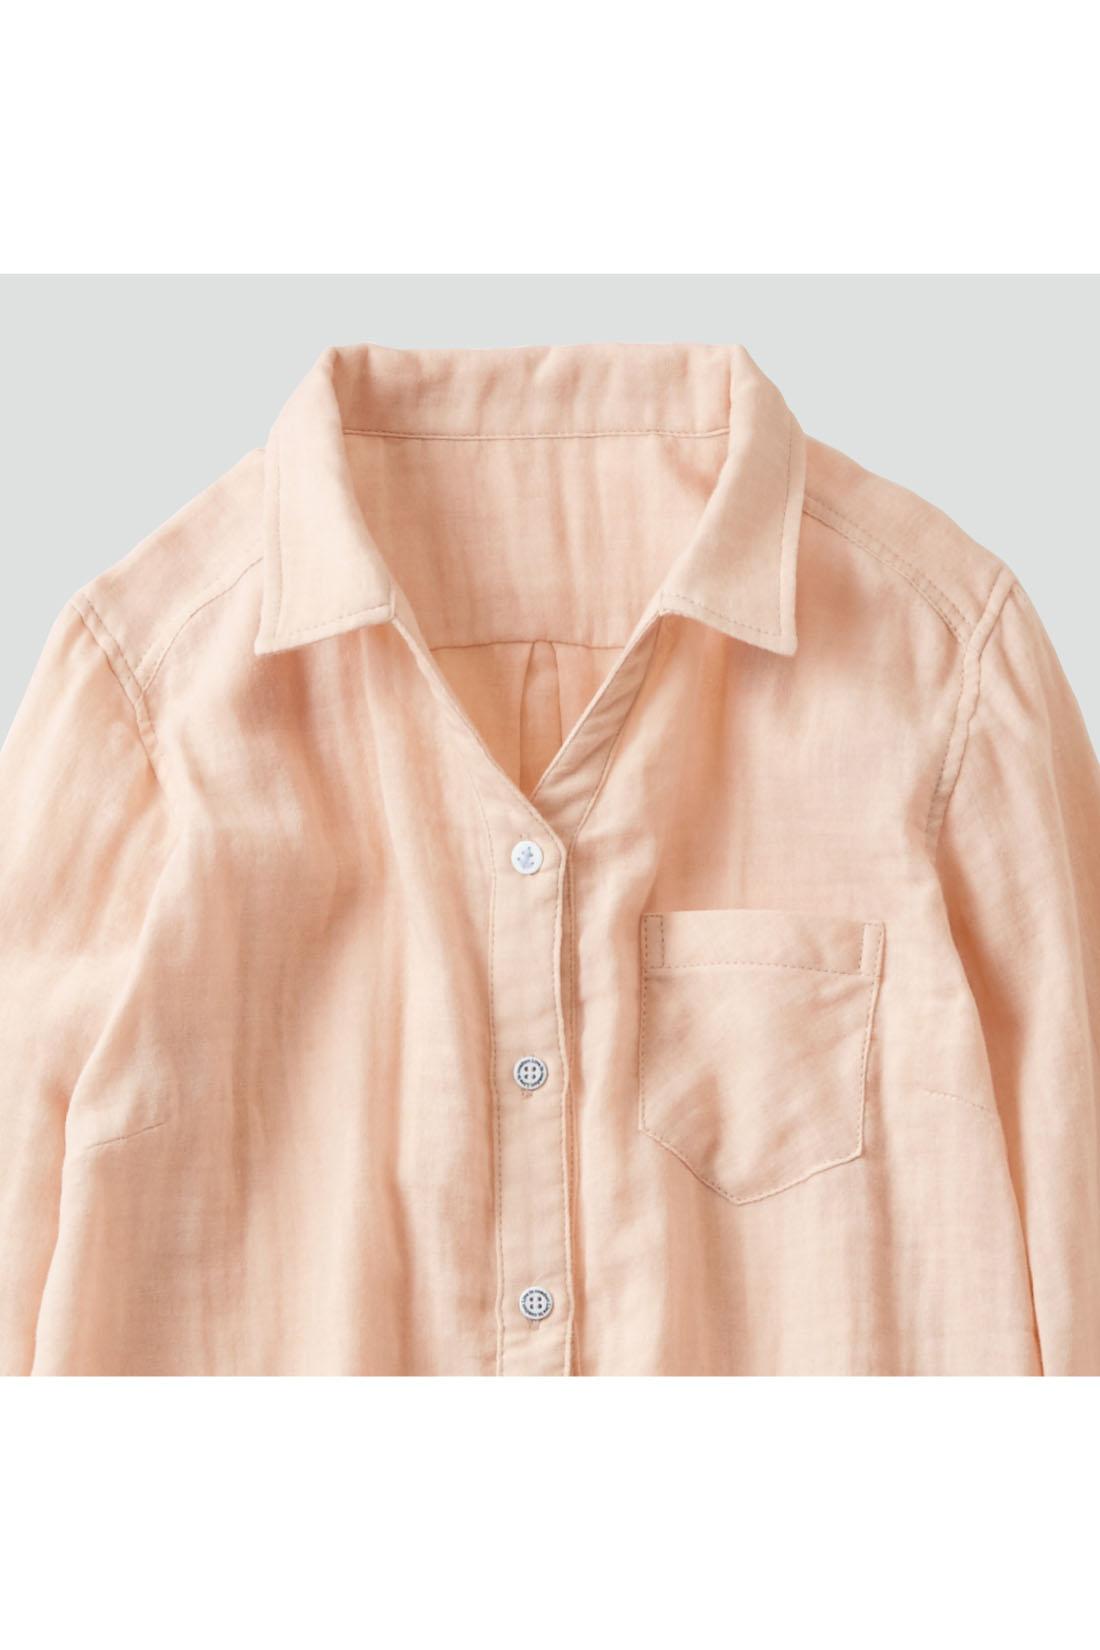 衿ぐりは顔まわりをすっきり見せるスキッパーデザイン。小さめの衿が女性らしさをアピール。